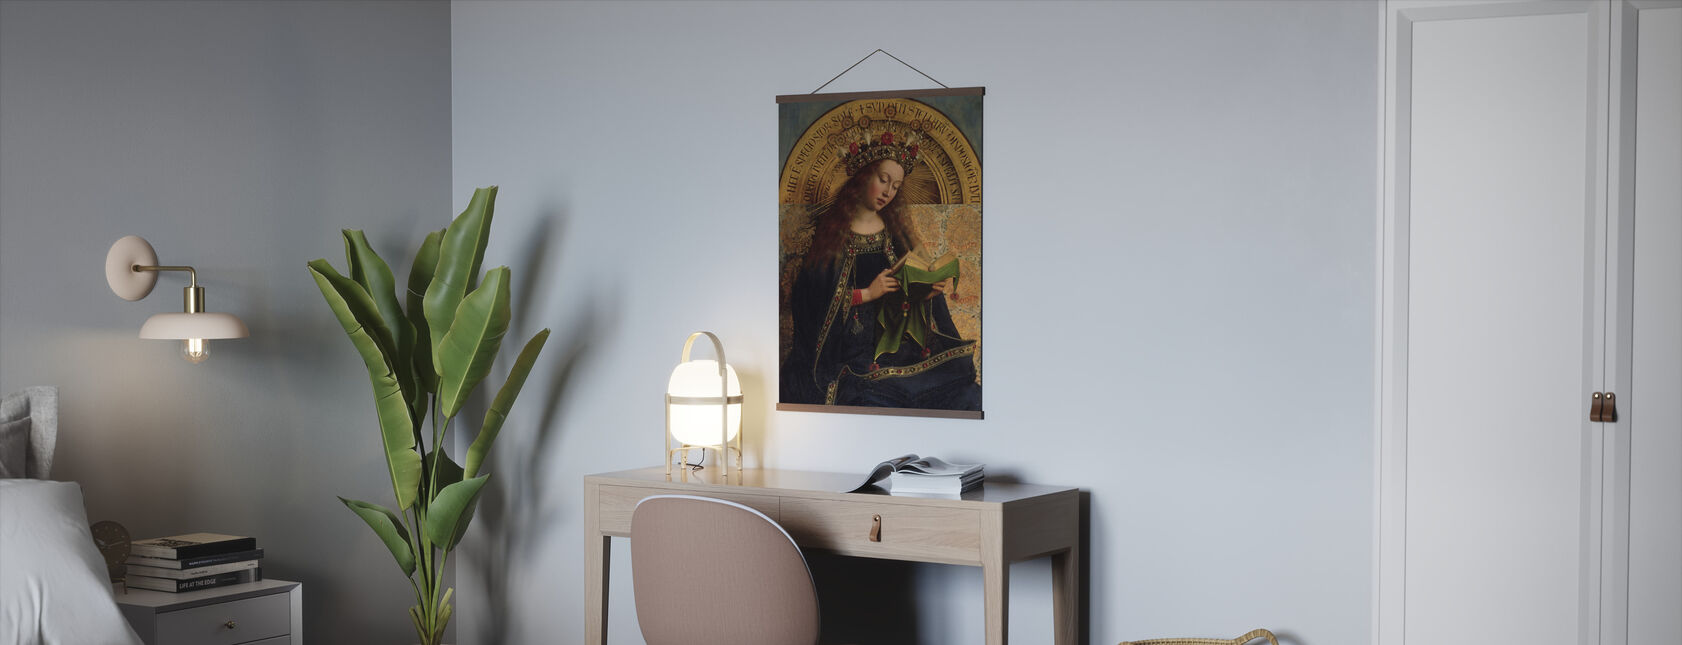 Maagd Maria - Hubert Eyck - Poster - Kantoor